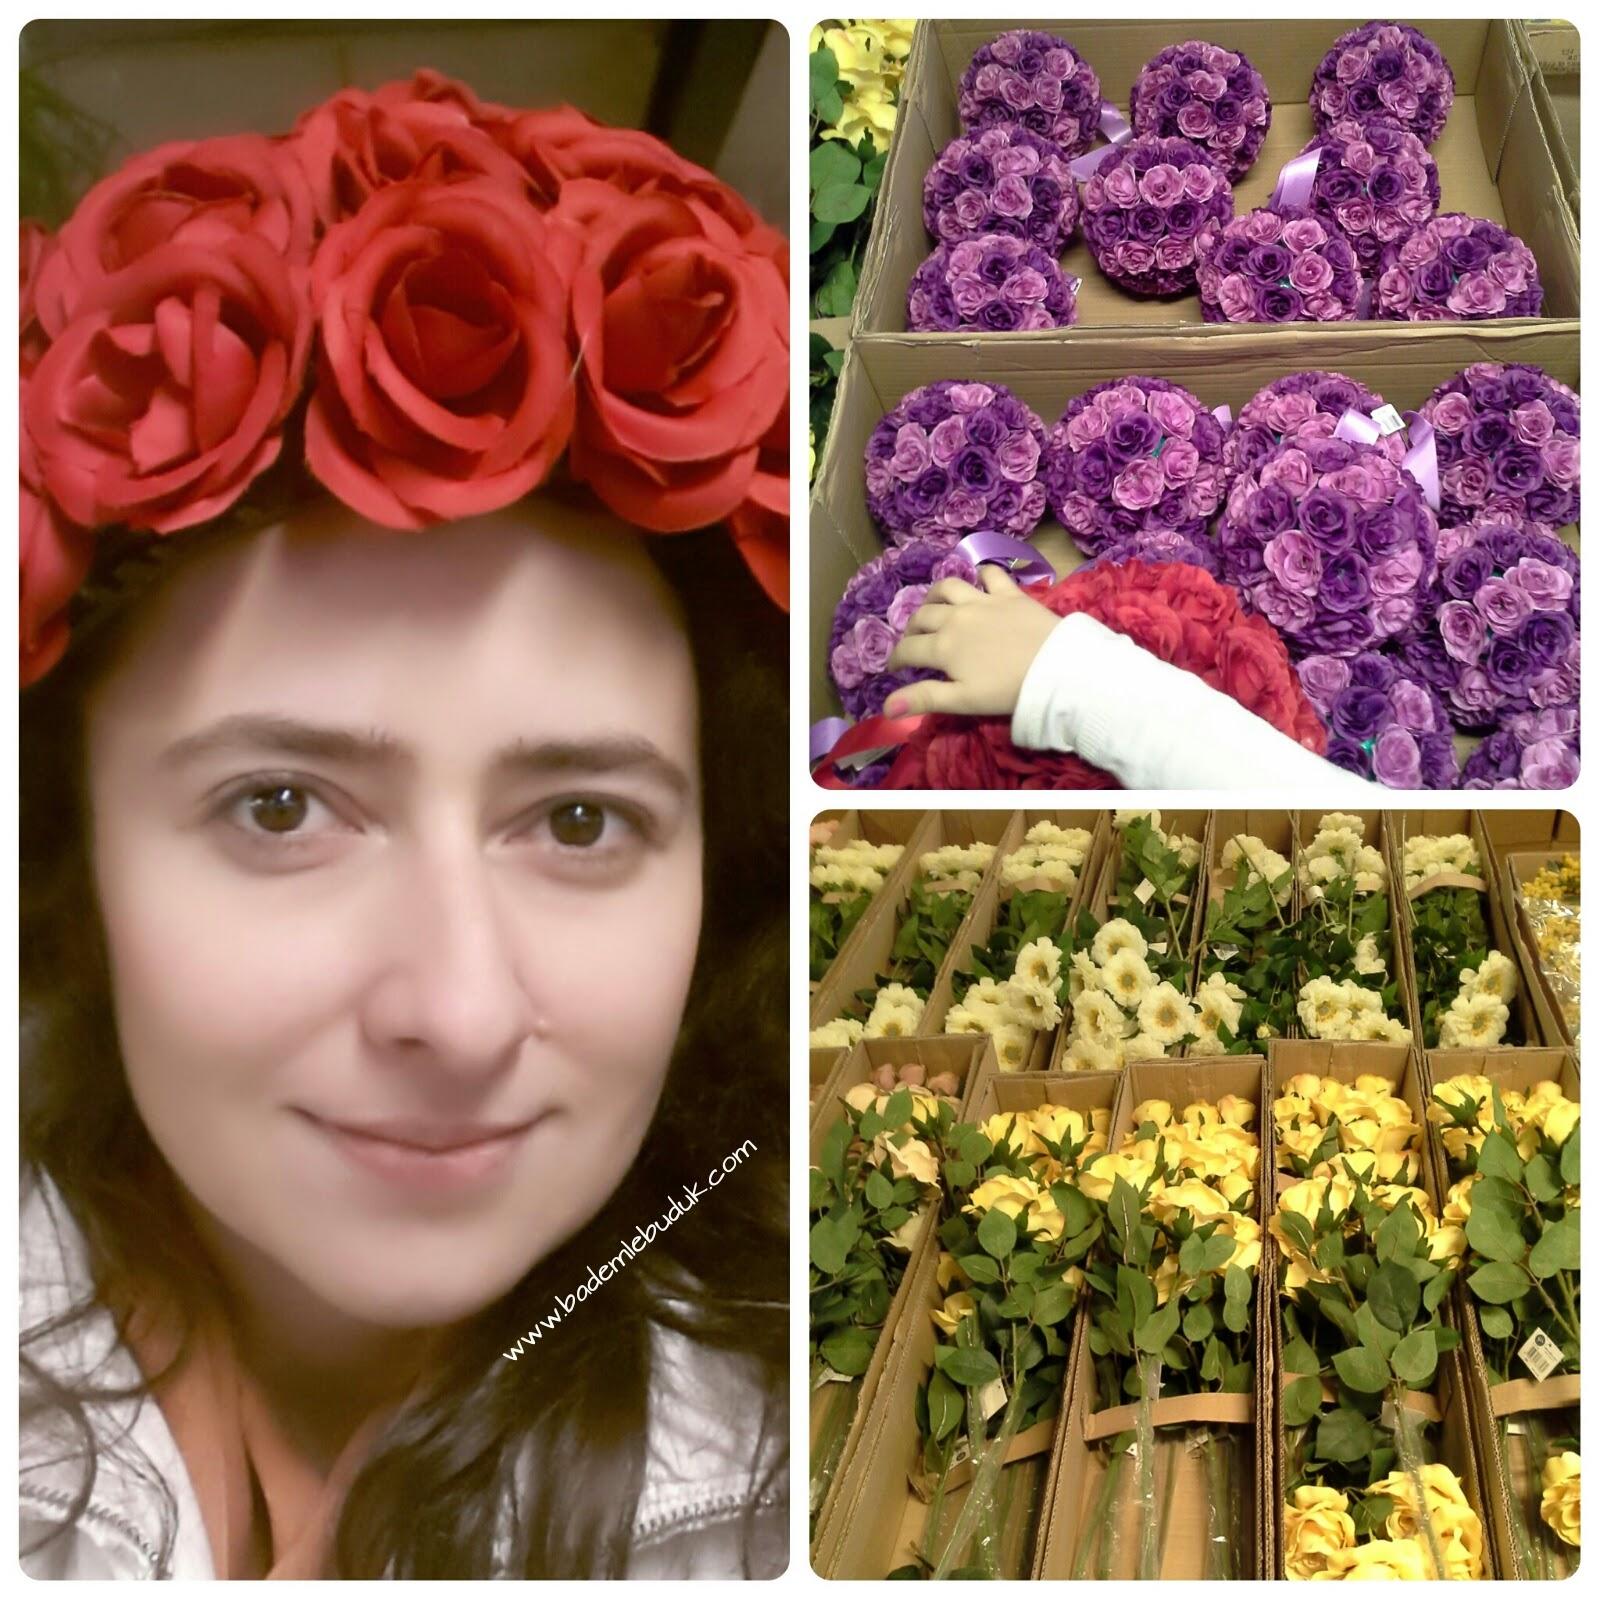 İdeal çiçek yatağı. Bütün yaz çiçekler kaçar